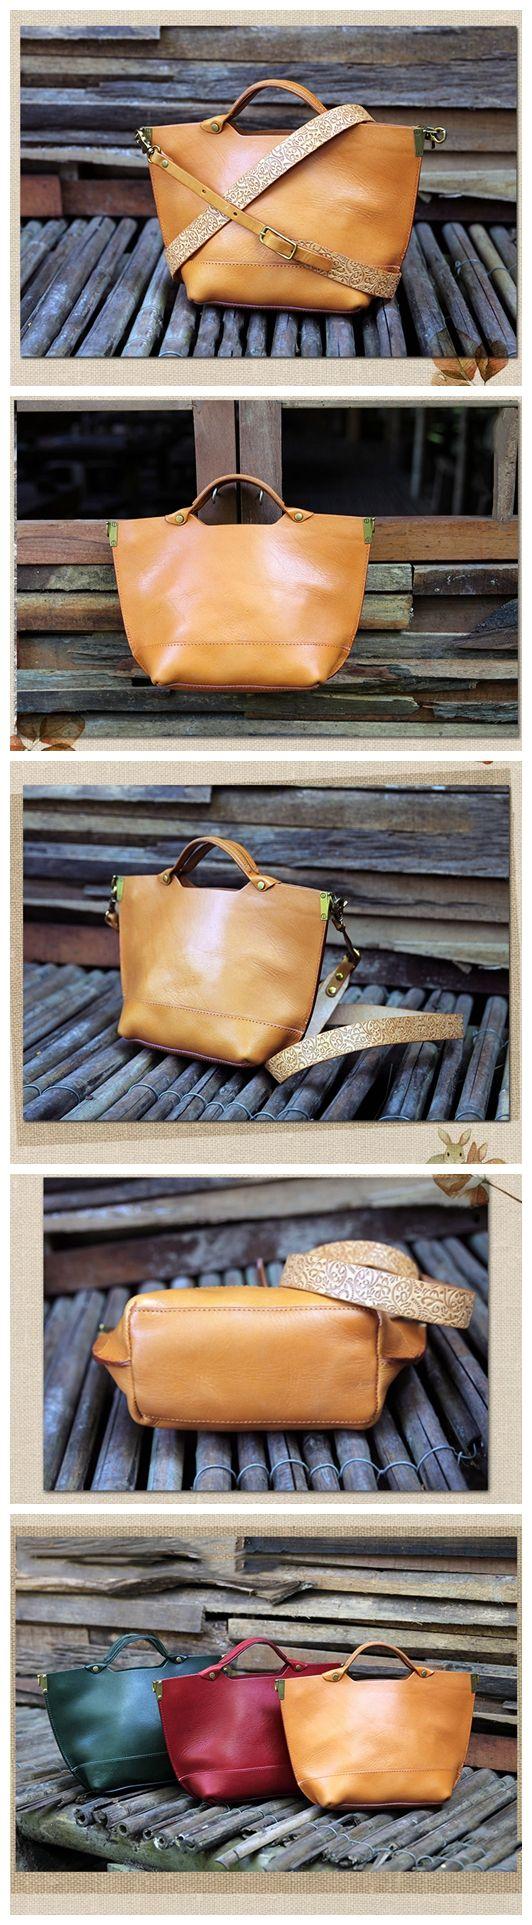 Handmade Brown Leather Messenger Bag Handbag Shoulder Bag Satchel